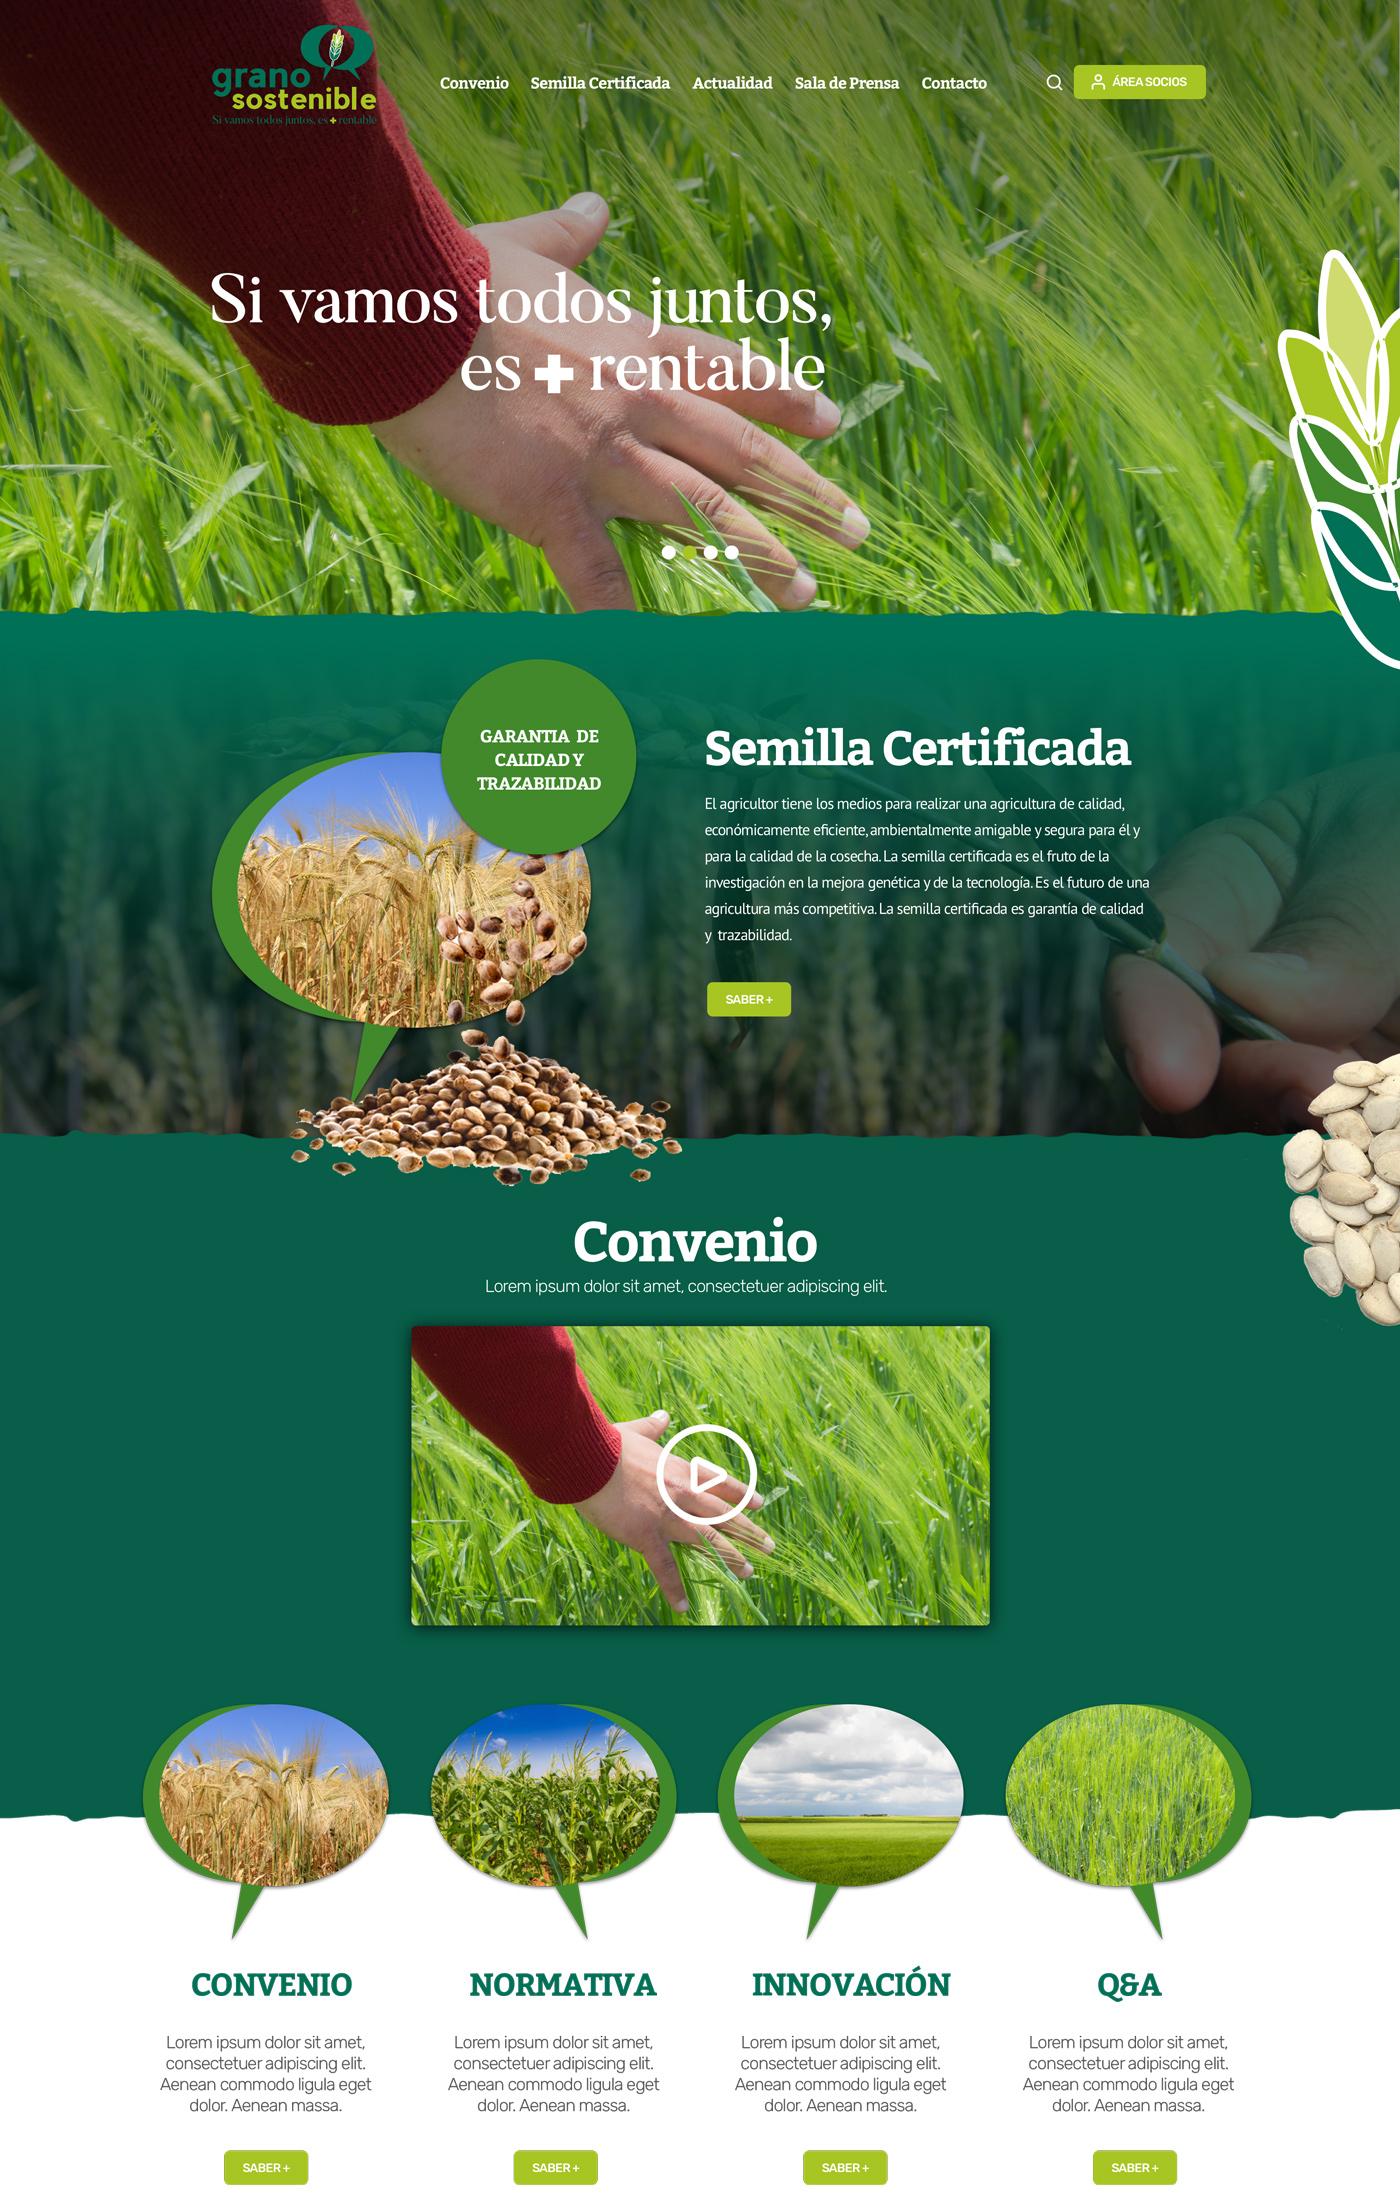 web grano sostenible